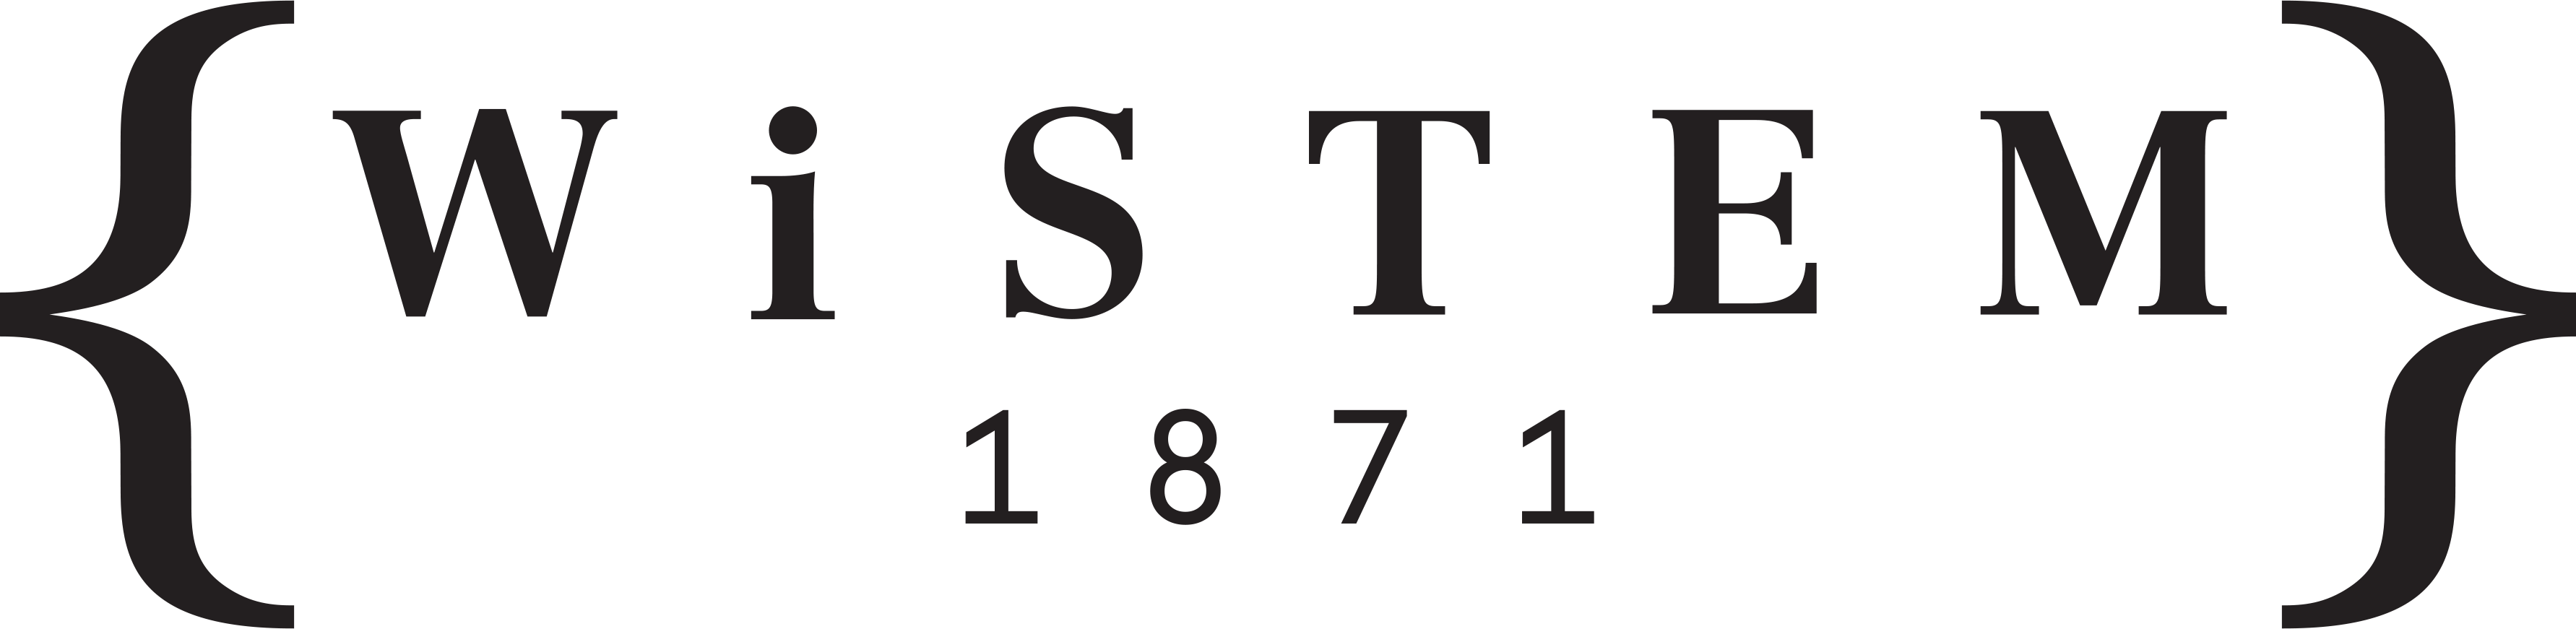 Wistem_logo